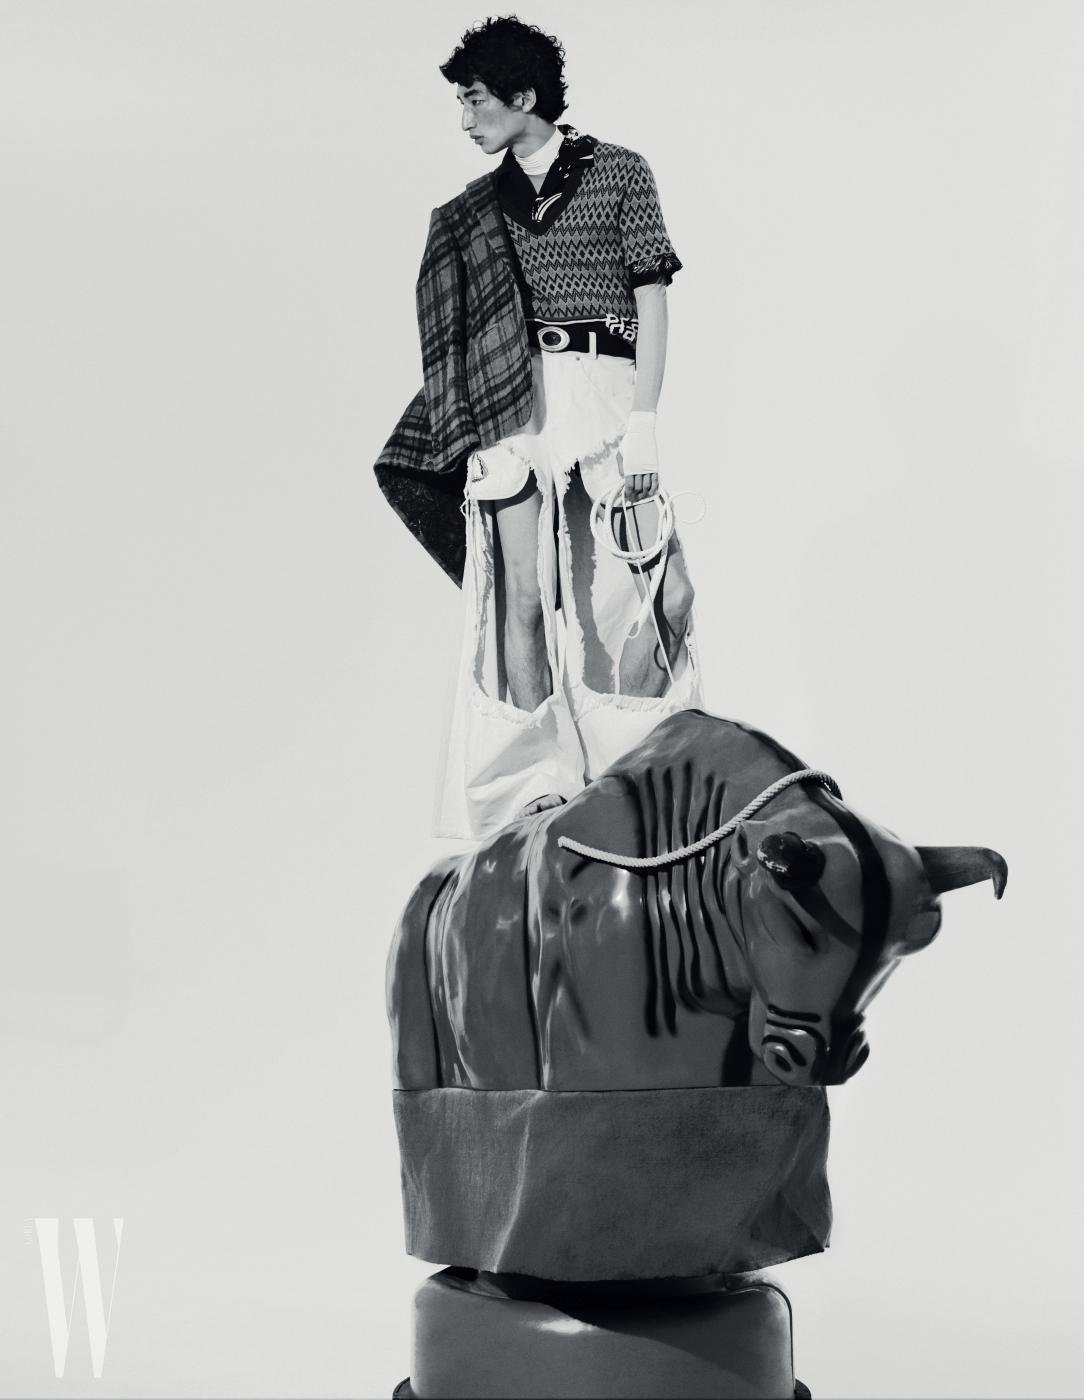 체크무늬 재킷은 에트로 제품. 3백10만원. 니트 톱과 셔츠는 프라다 제품. 각각1 백10만원대, 1백40만원대. 시스루 톱, 데님 팬츠는 기준 제품. 각각2 8만6천원, 44만원. 벨트는 우영미 제품. 가격 미정.